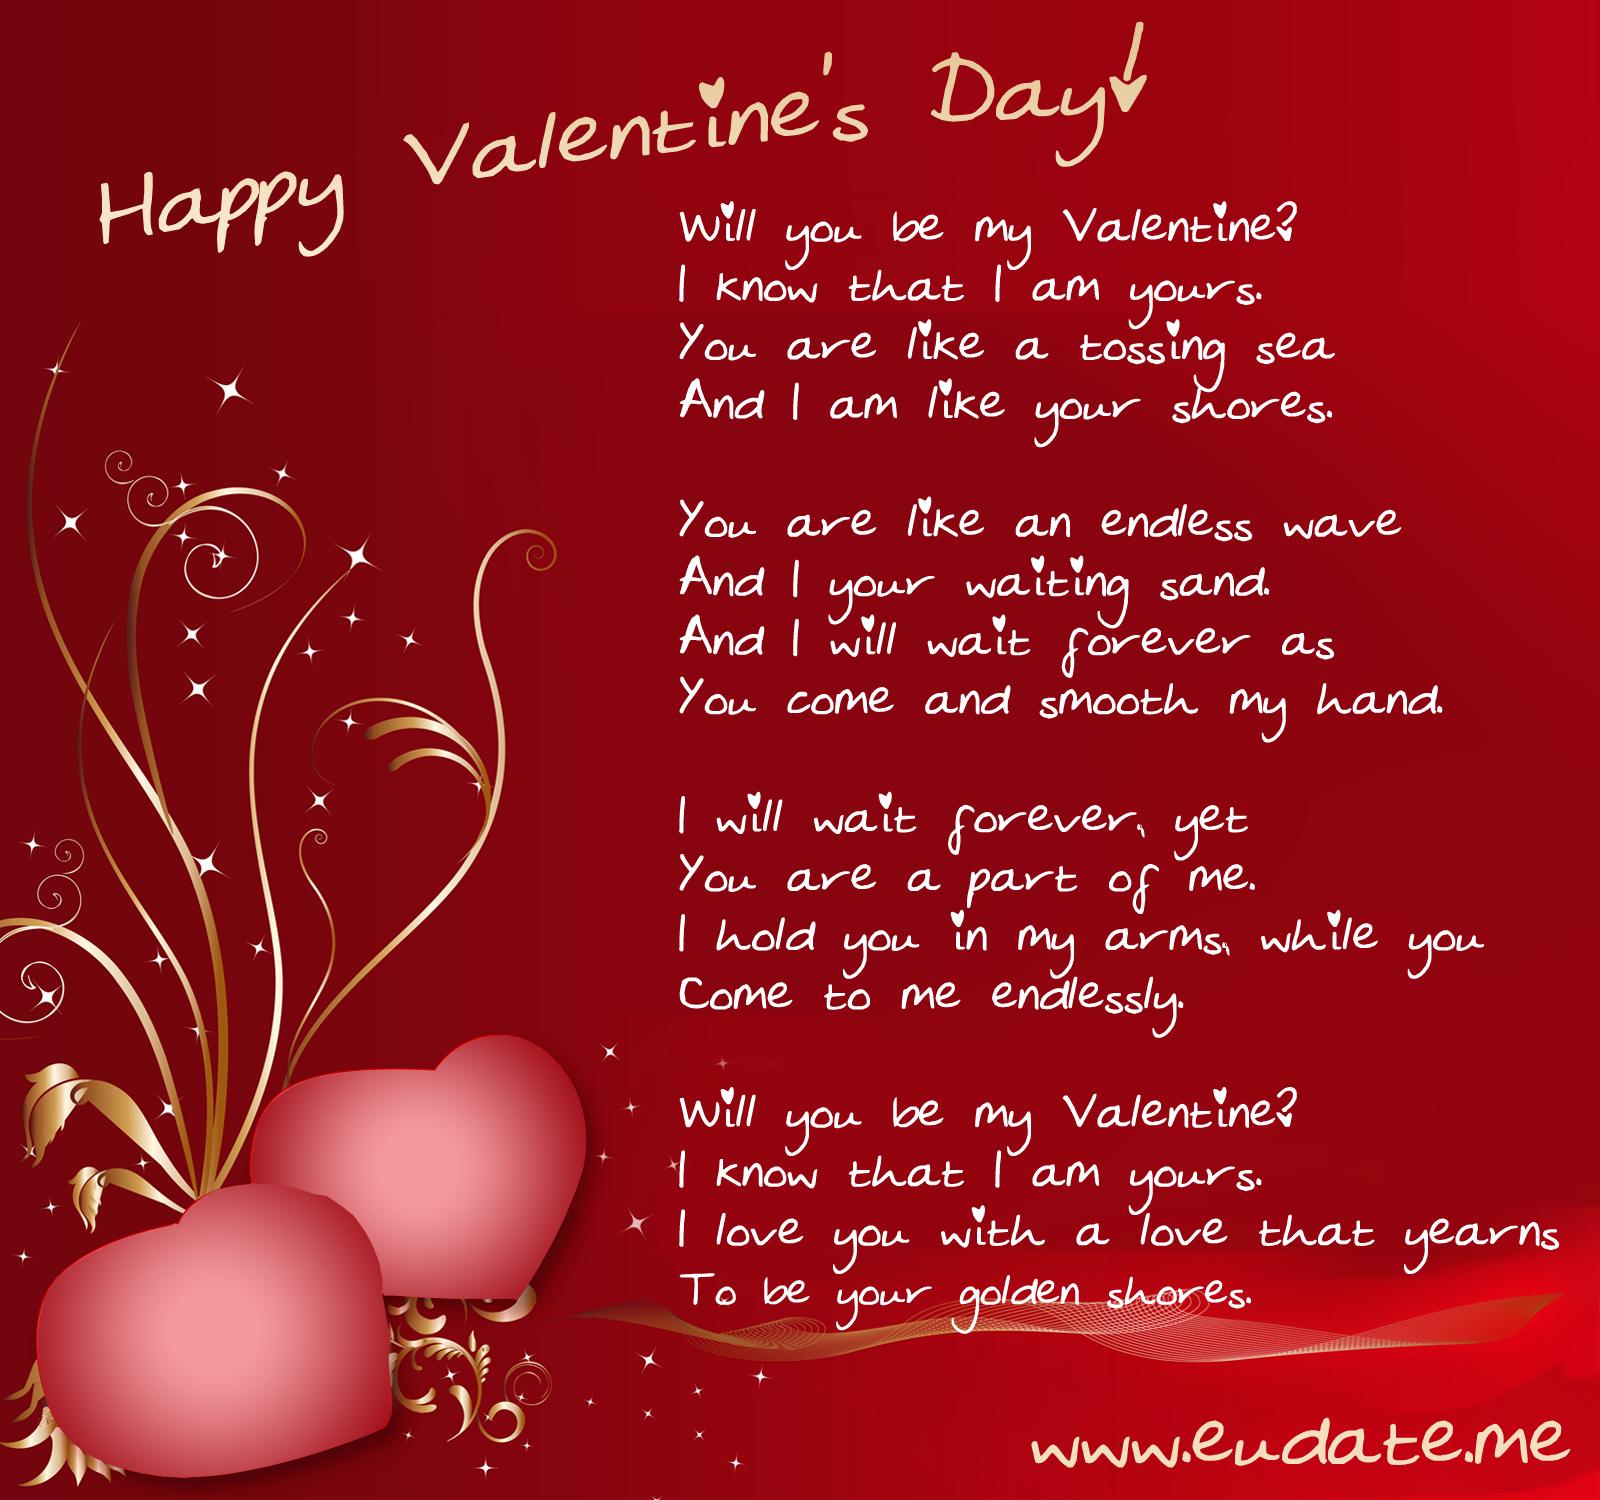 sejarah valentine pada tanggal 14 februari 270 m st valentine